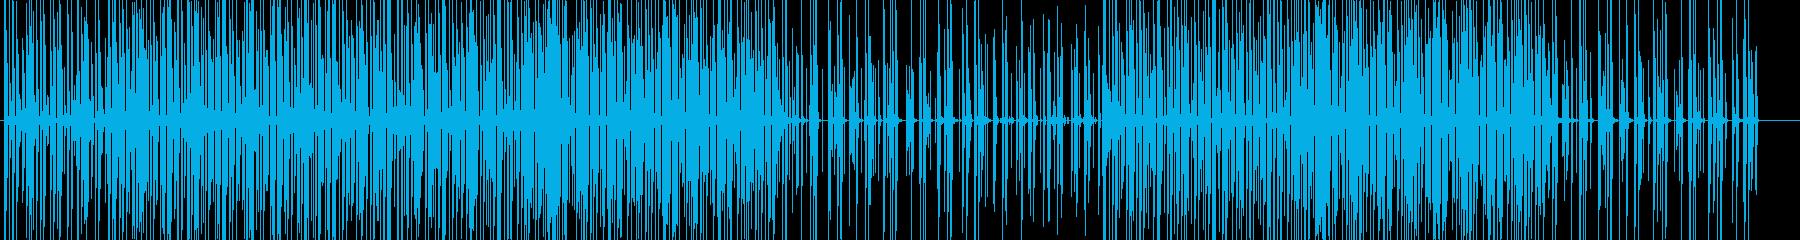 かわいくてお洒落サンプリング♪エレクトロの再生済みの波形